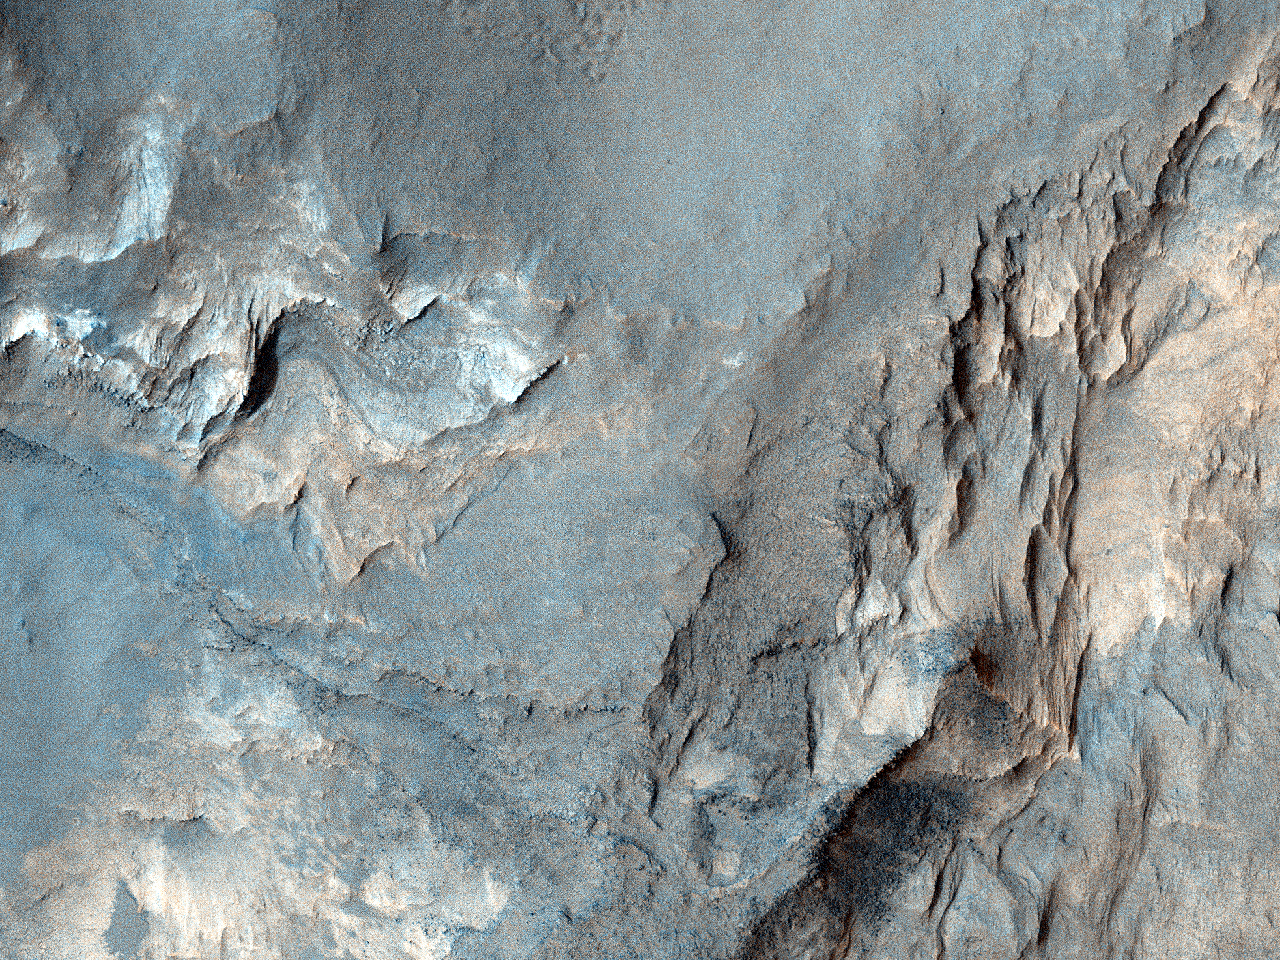 Aflorimente în Craterul Terby